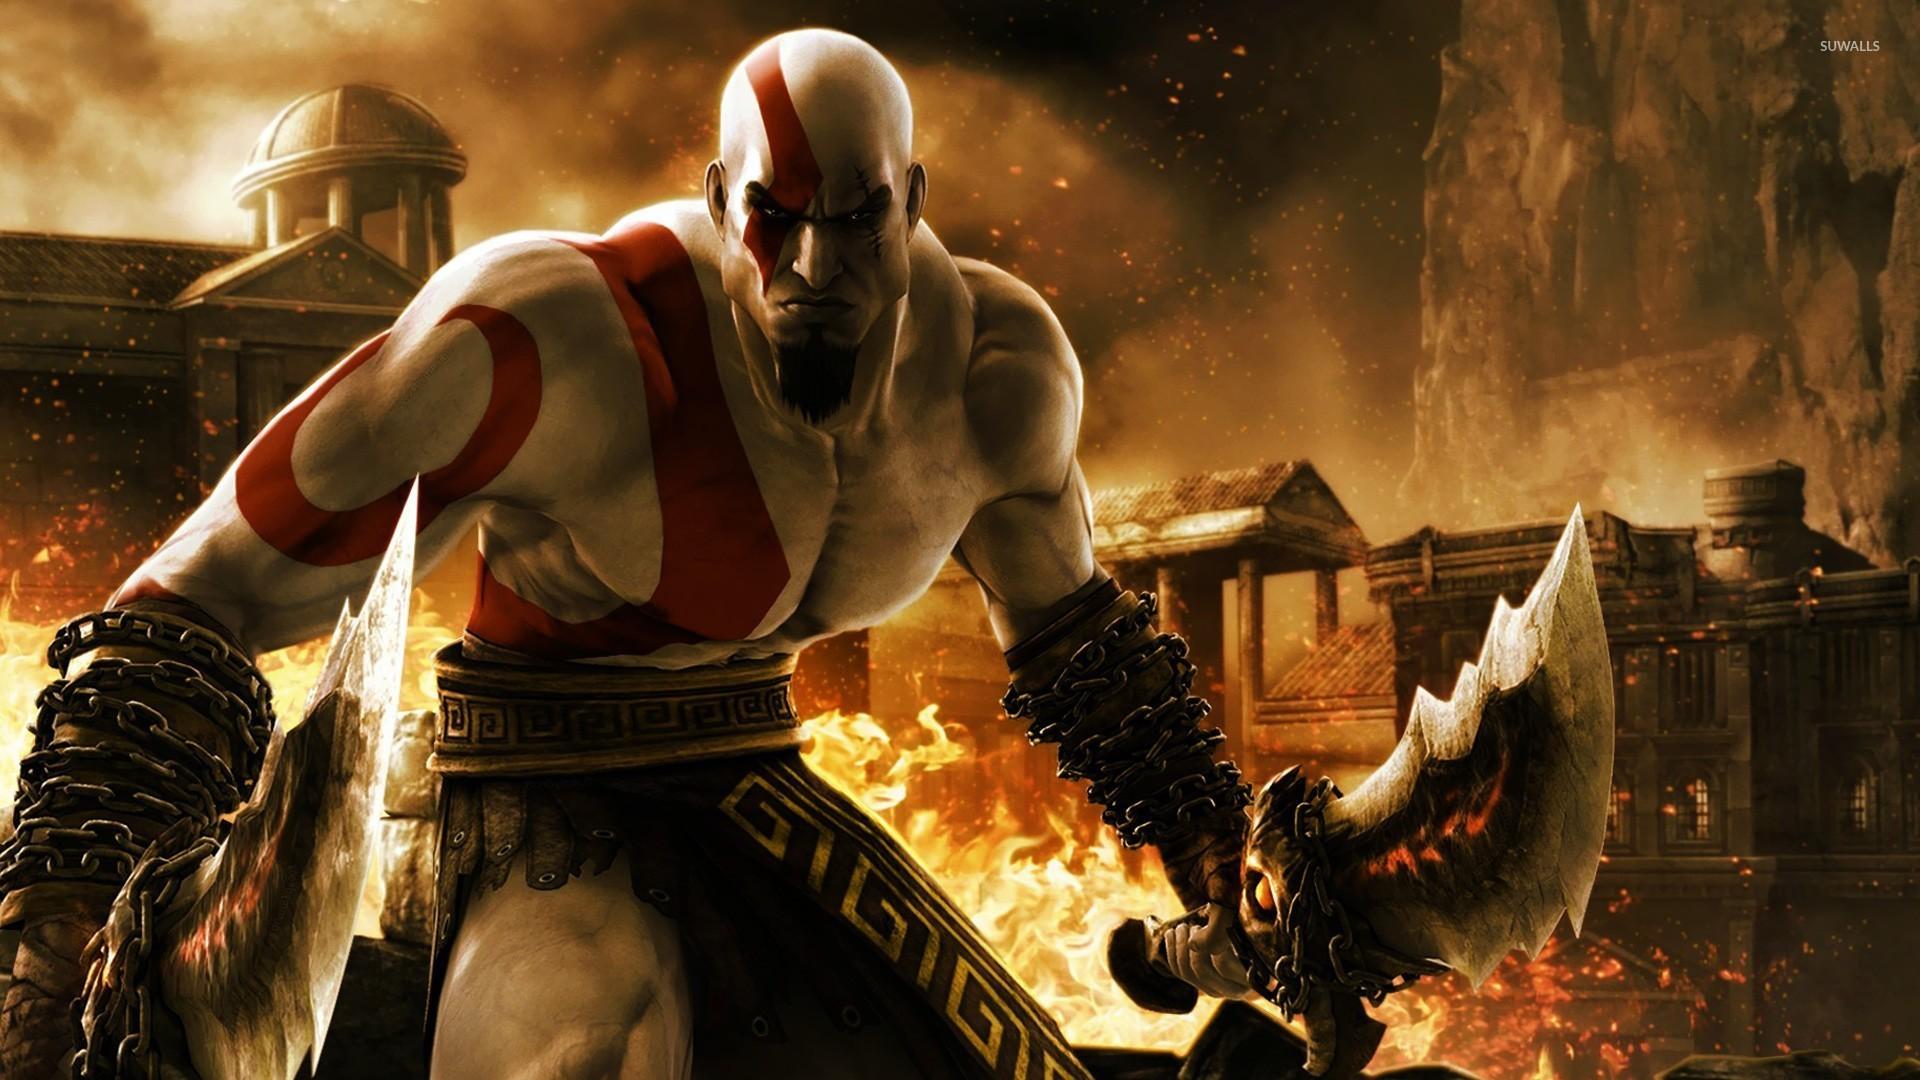 God of War 2018: Khi vị thần chiến tranh ngang tàng trở thành người cha đầy trách nhiệm - Ảnh 6.